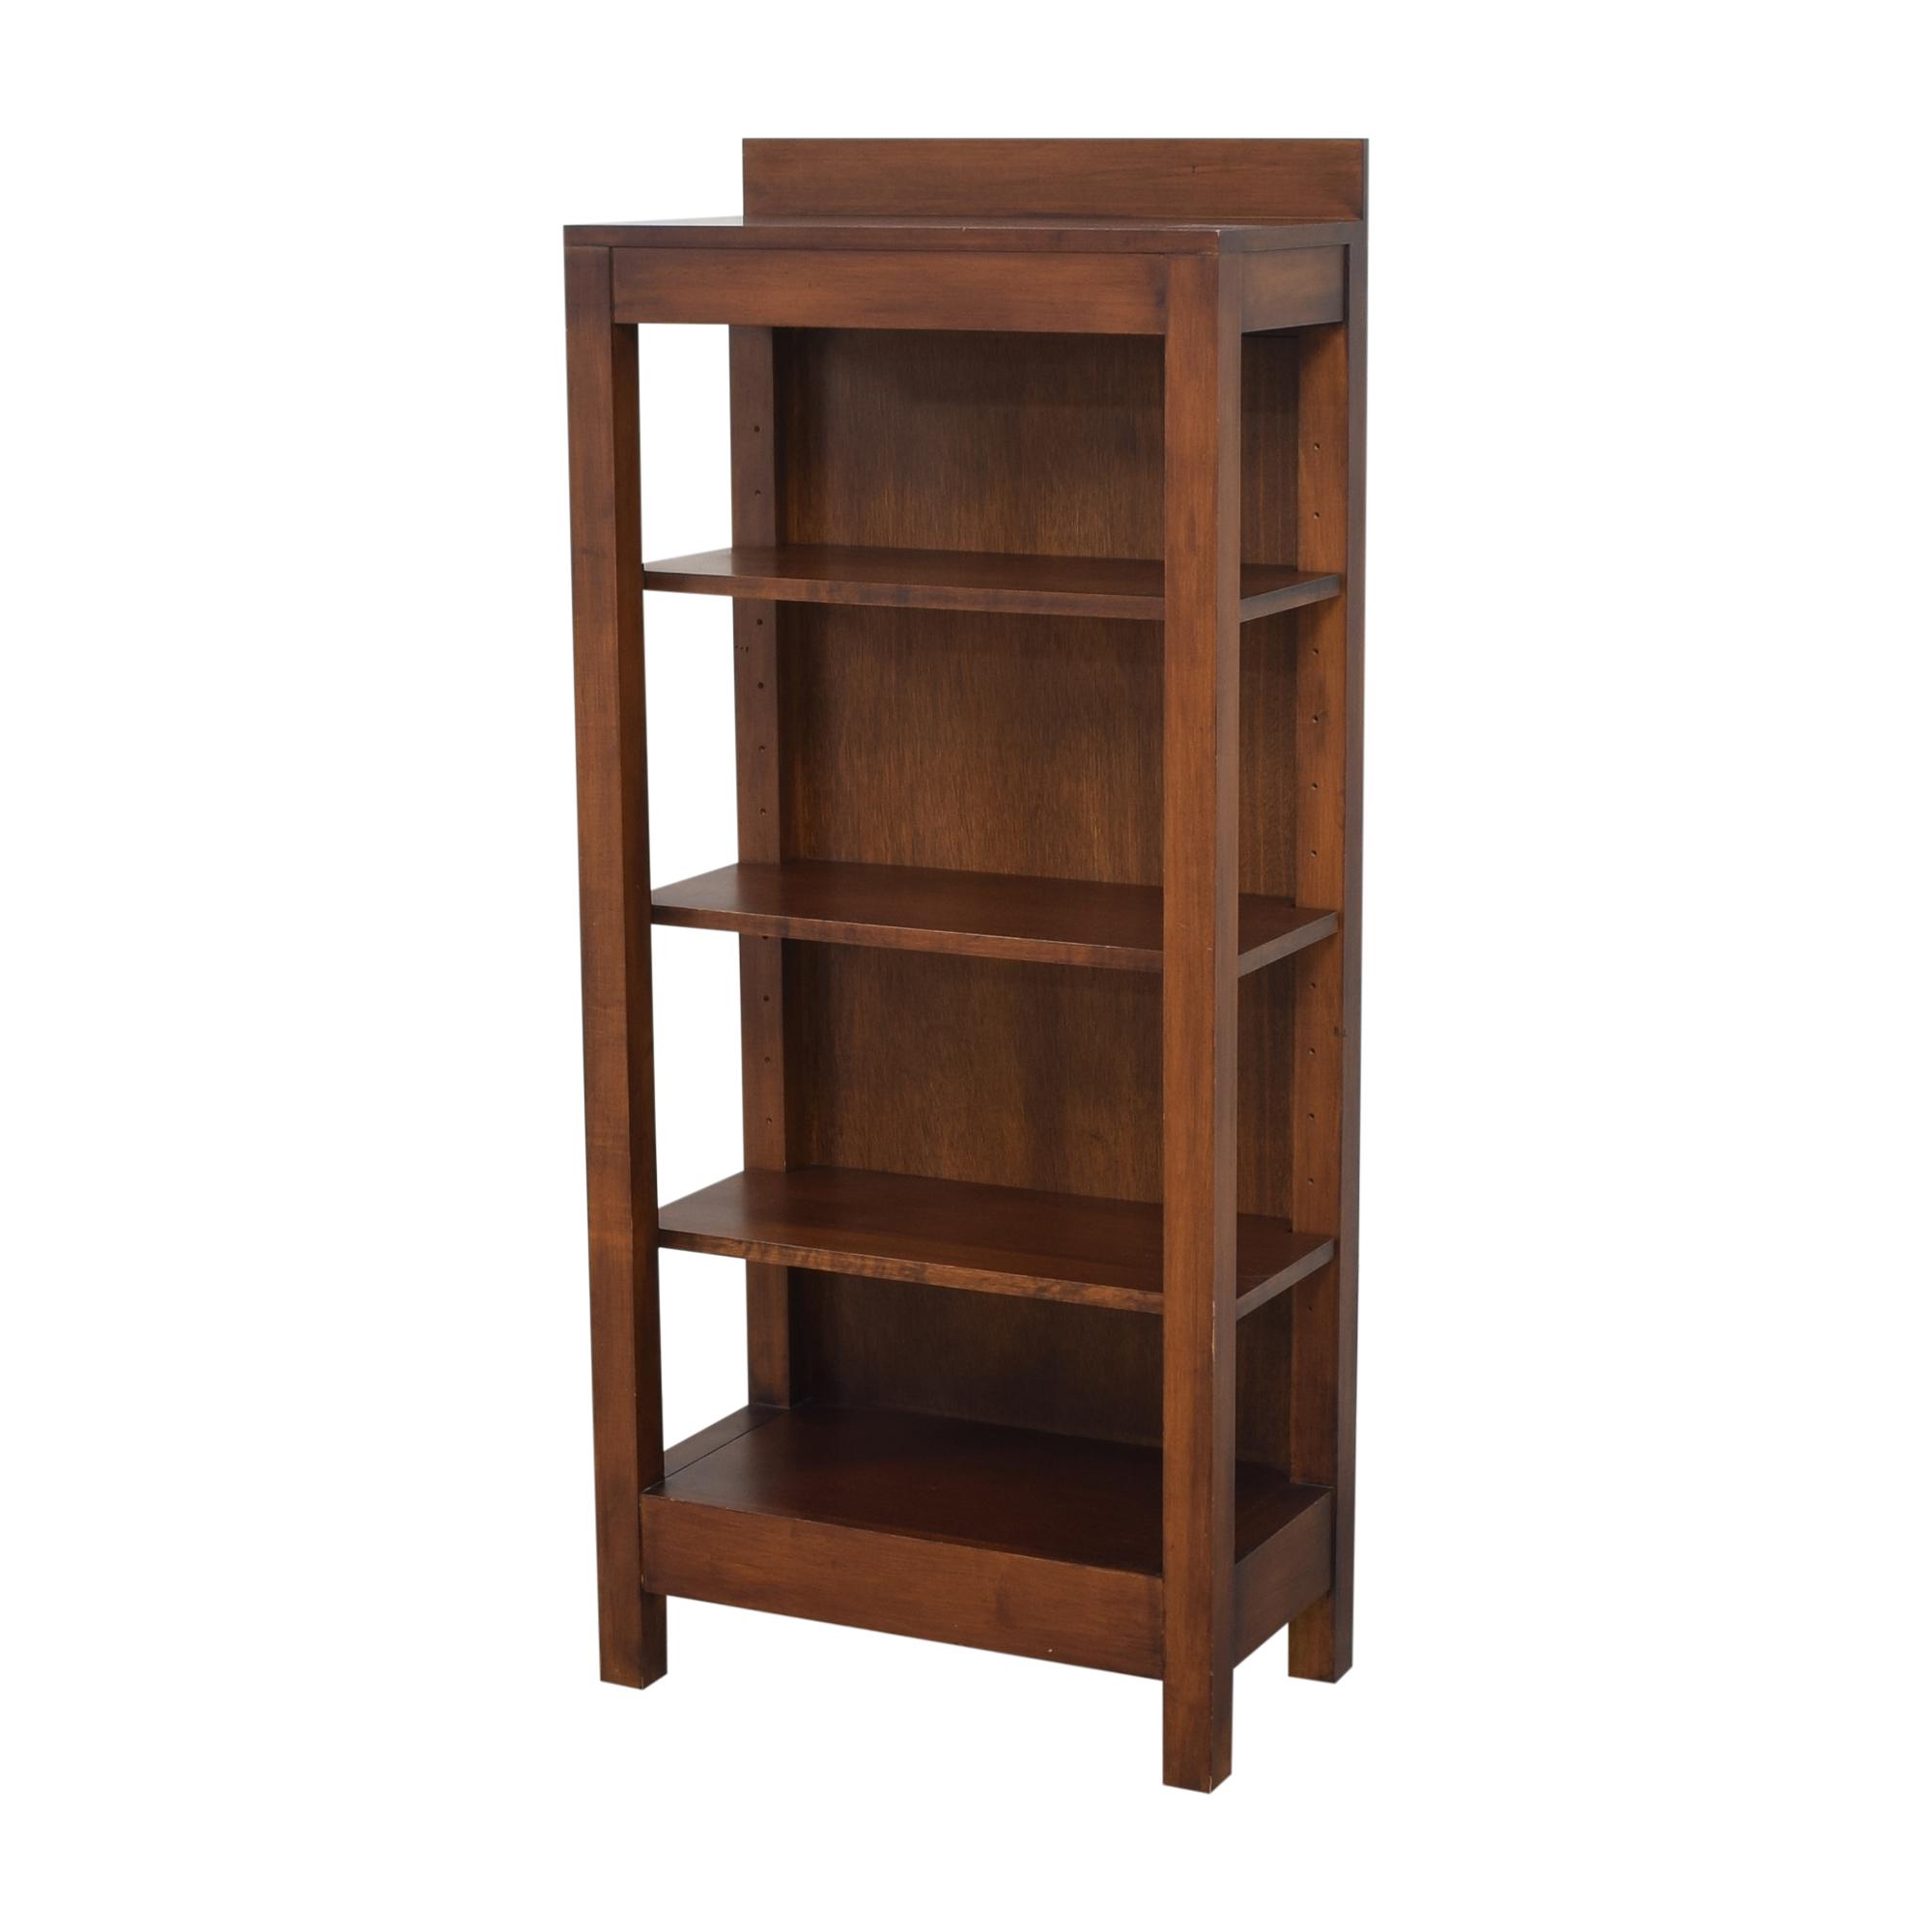 Romweber Romweber Jim Peed Bookcase Bookcases & Shelving